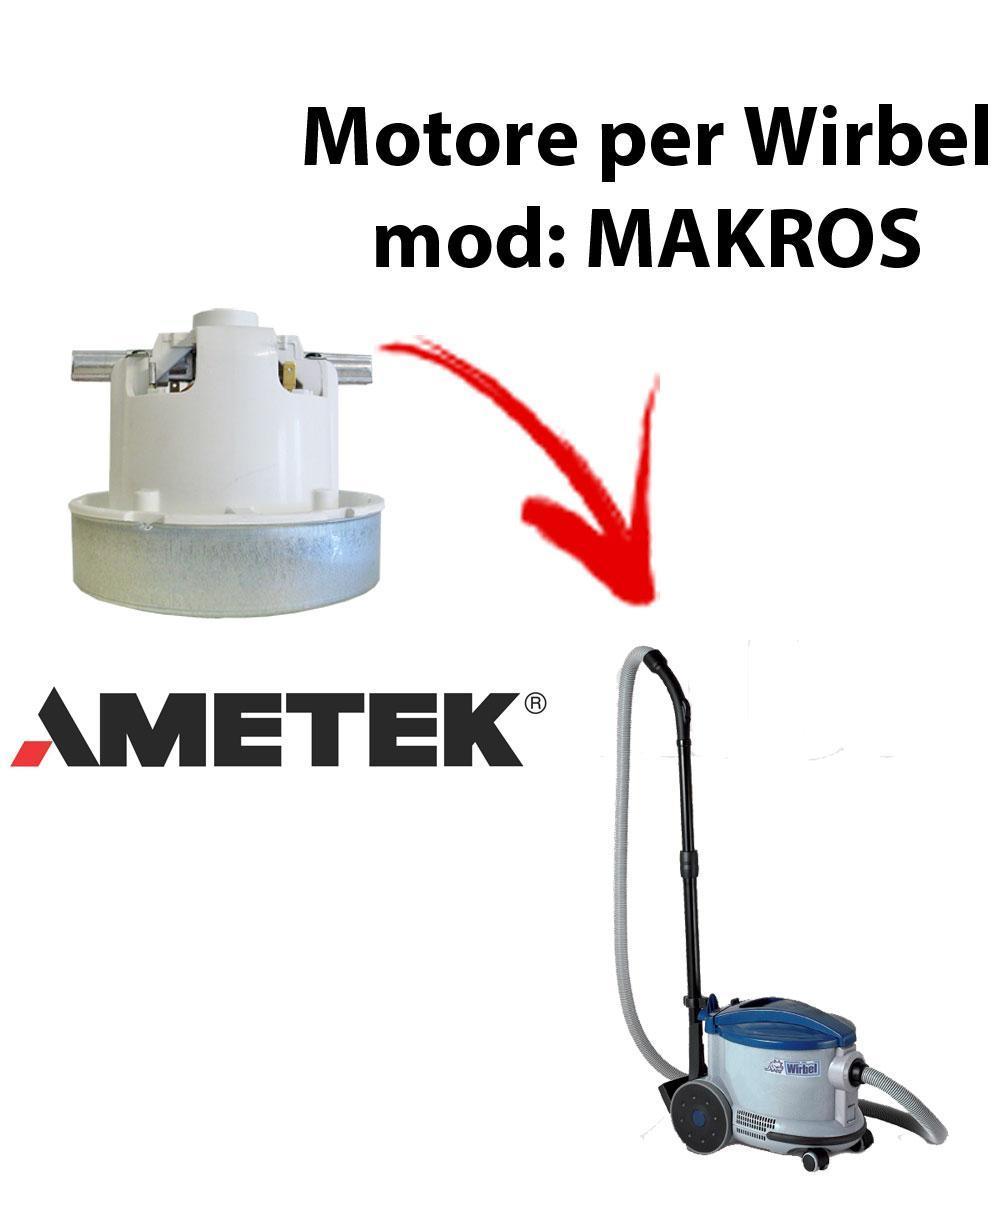 MAKROS  Motore de aspiración AMETEK para aspiradora WIRBEL